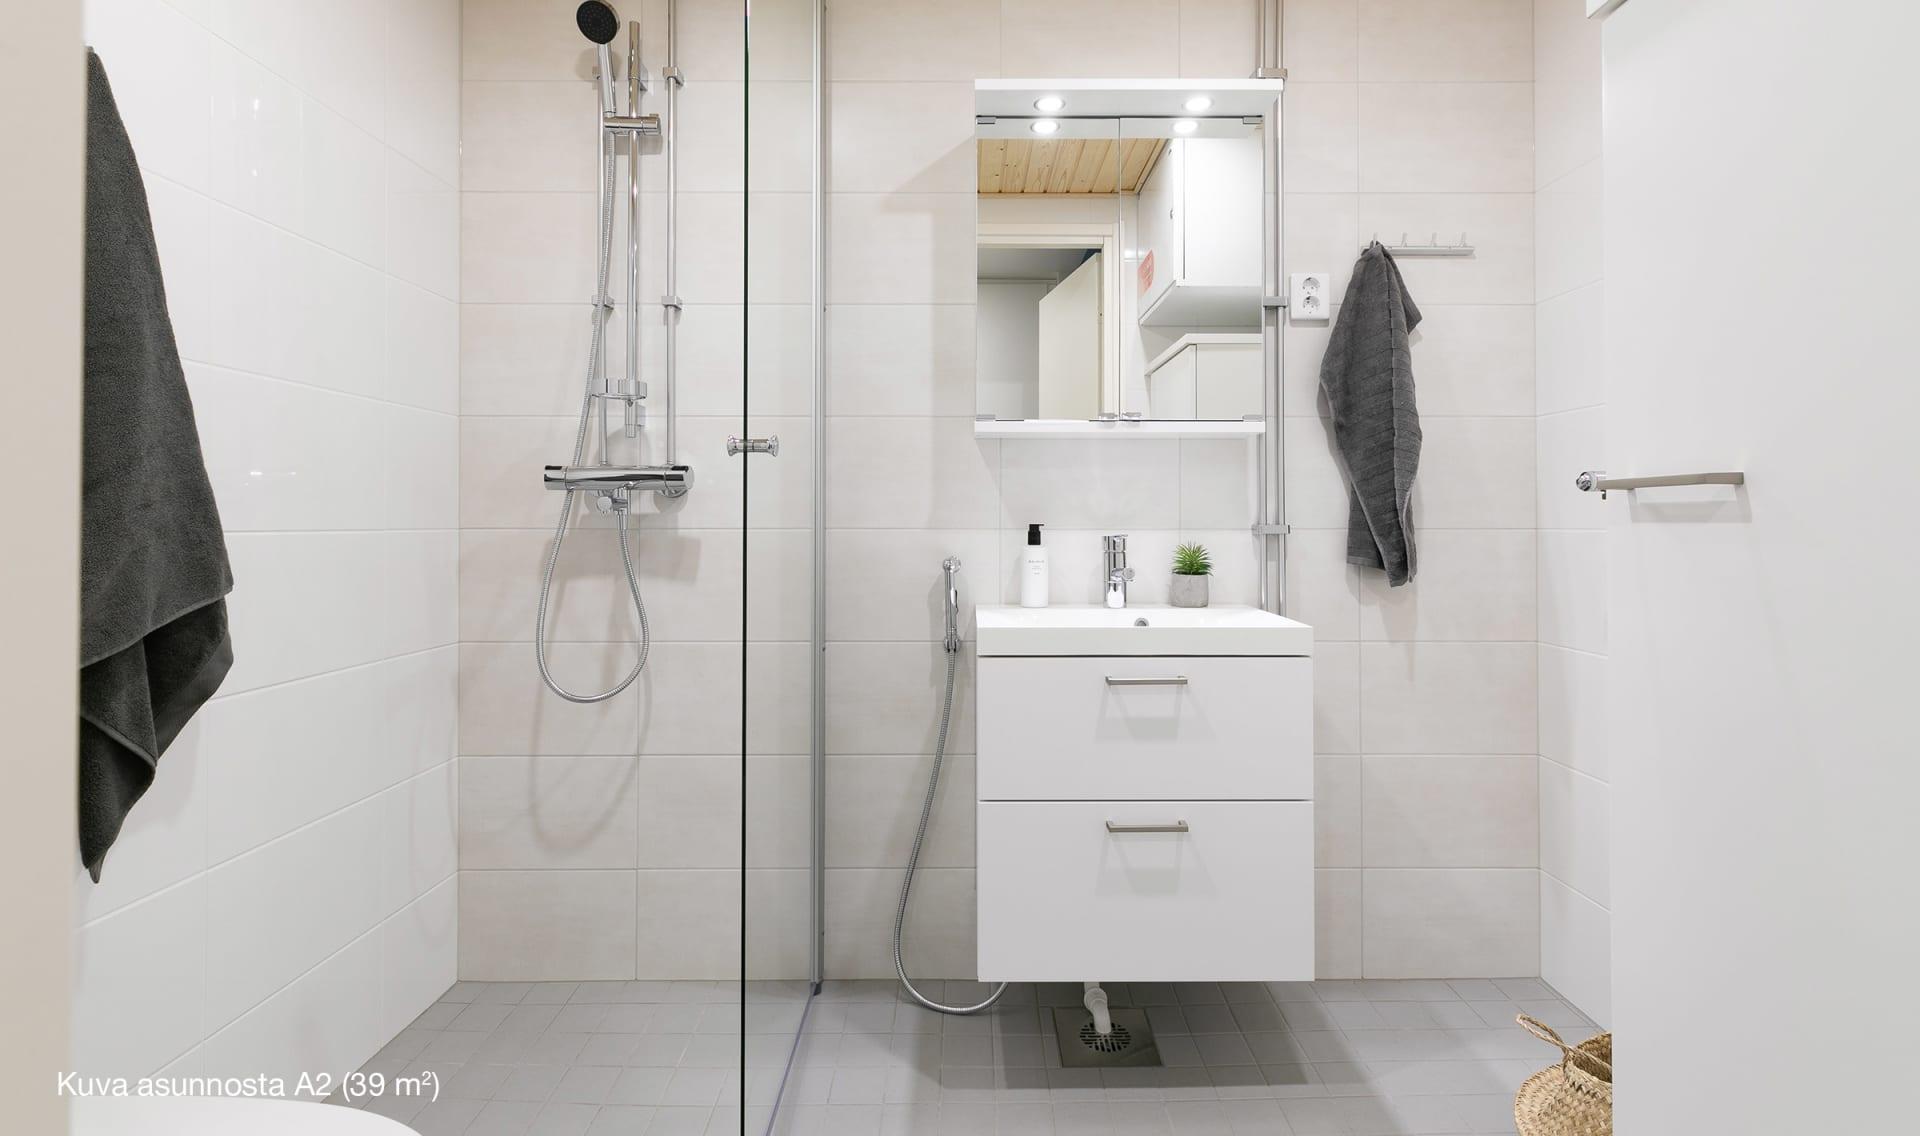 Asunto Oy Sipoon Pankkiiri, 2h+kt, 39 m2